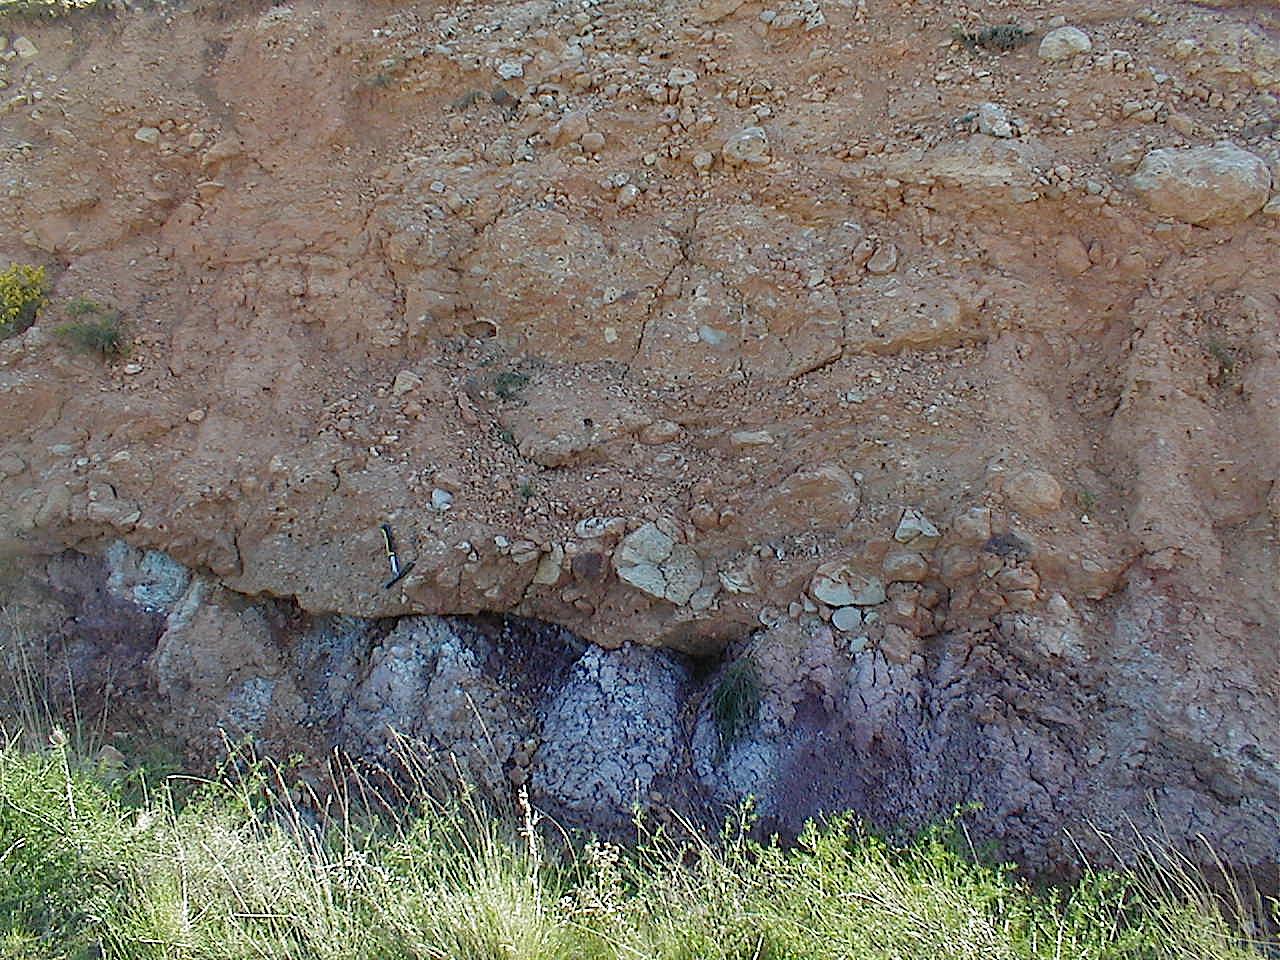 Fuentes Calientes suevite breccia over Utrillas formation